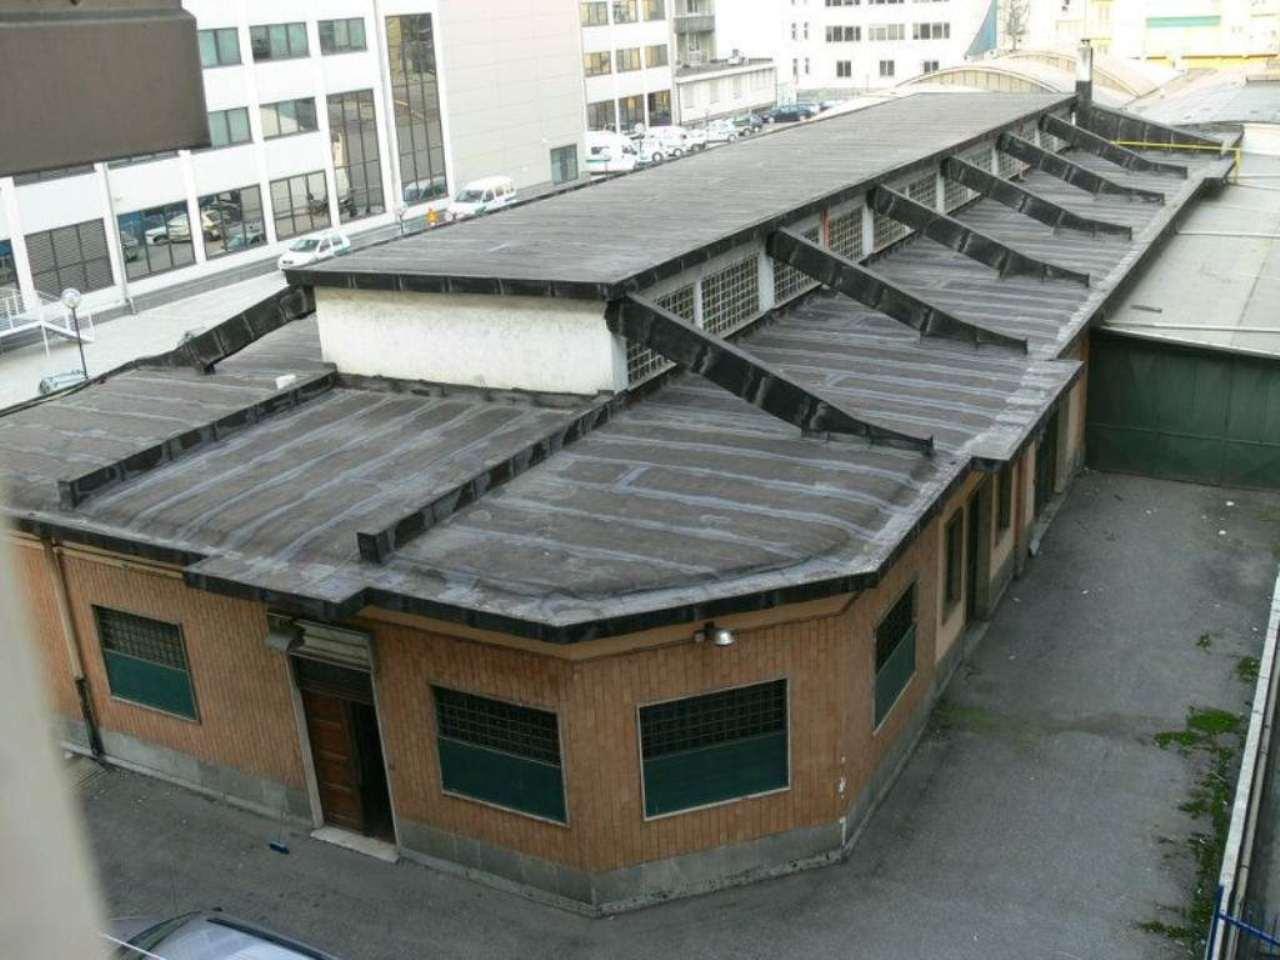 Immagine immobiliare Via Pedrotti, pressi Corso Regio Parco, comoda al centro e al polo universitario